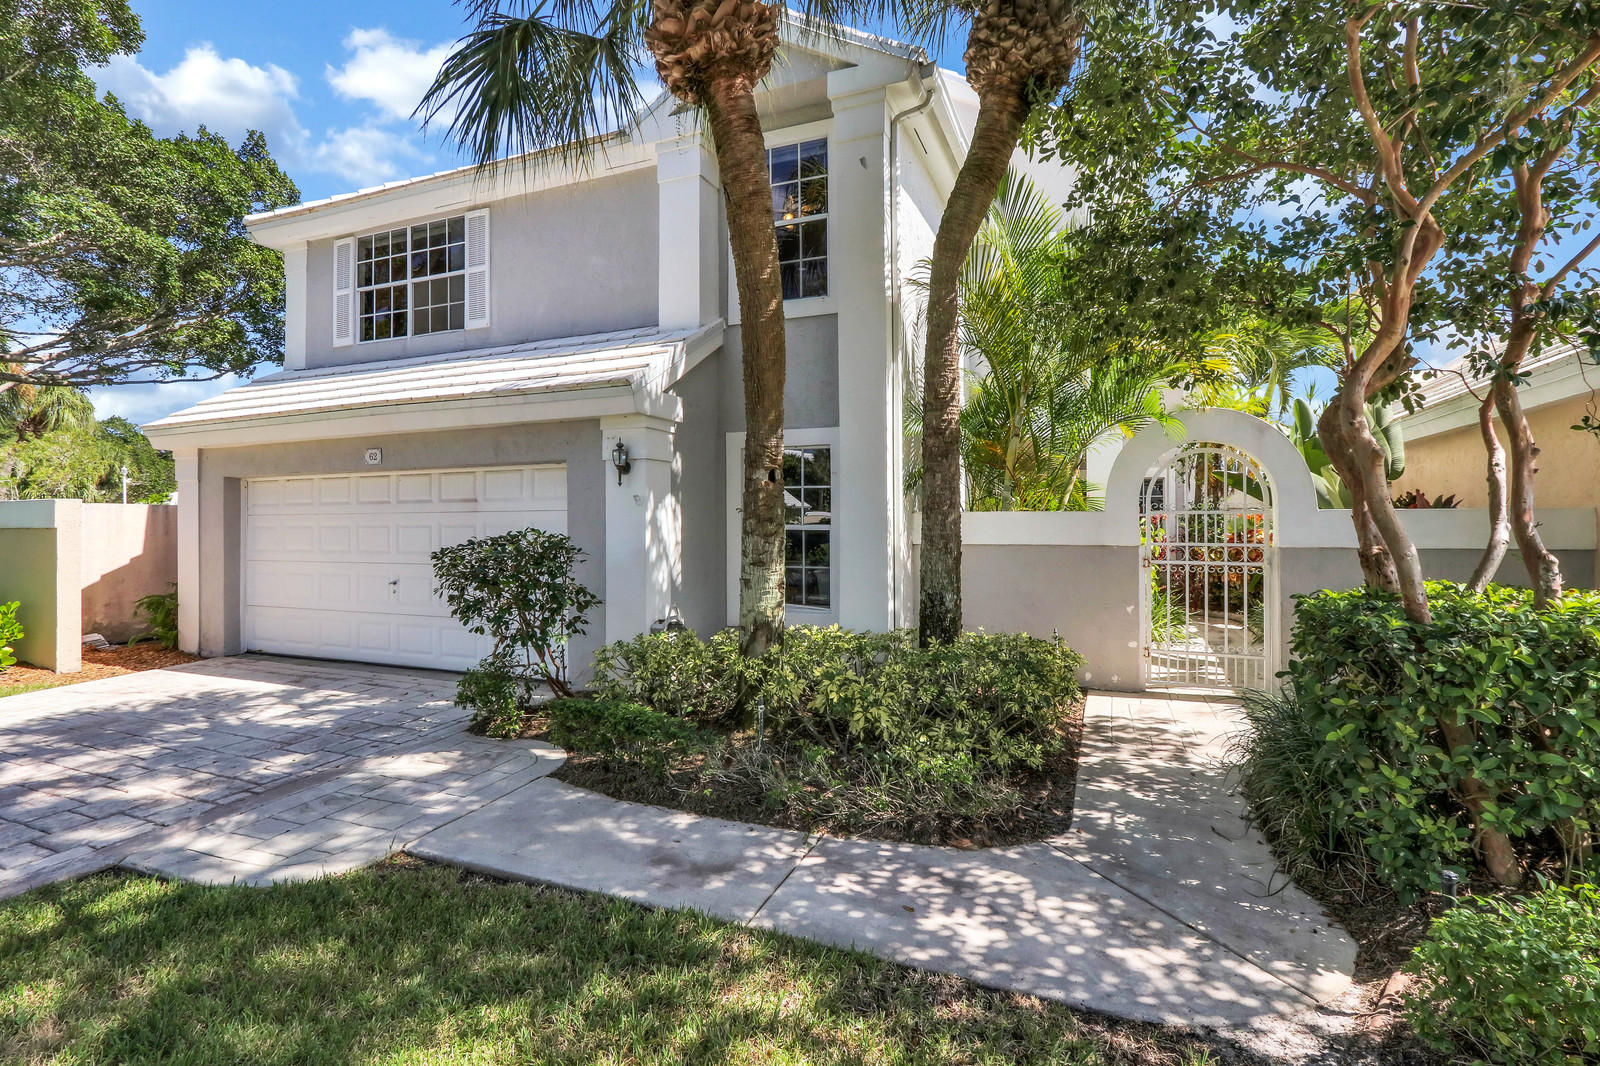 62 Dorchester Circle, Palm Beach Gardens, Florida 33418, 3 Bedrooms Bedrooms, ,2.1 BathroomsBathrooms,A,Single family,Dorchester,RX-10472678